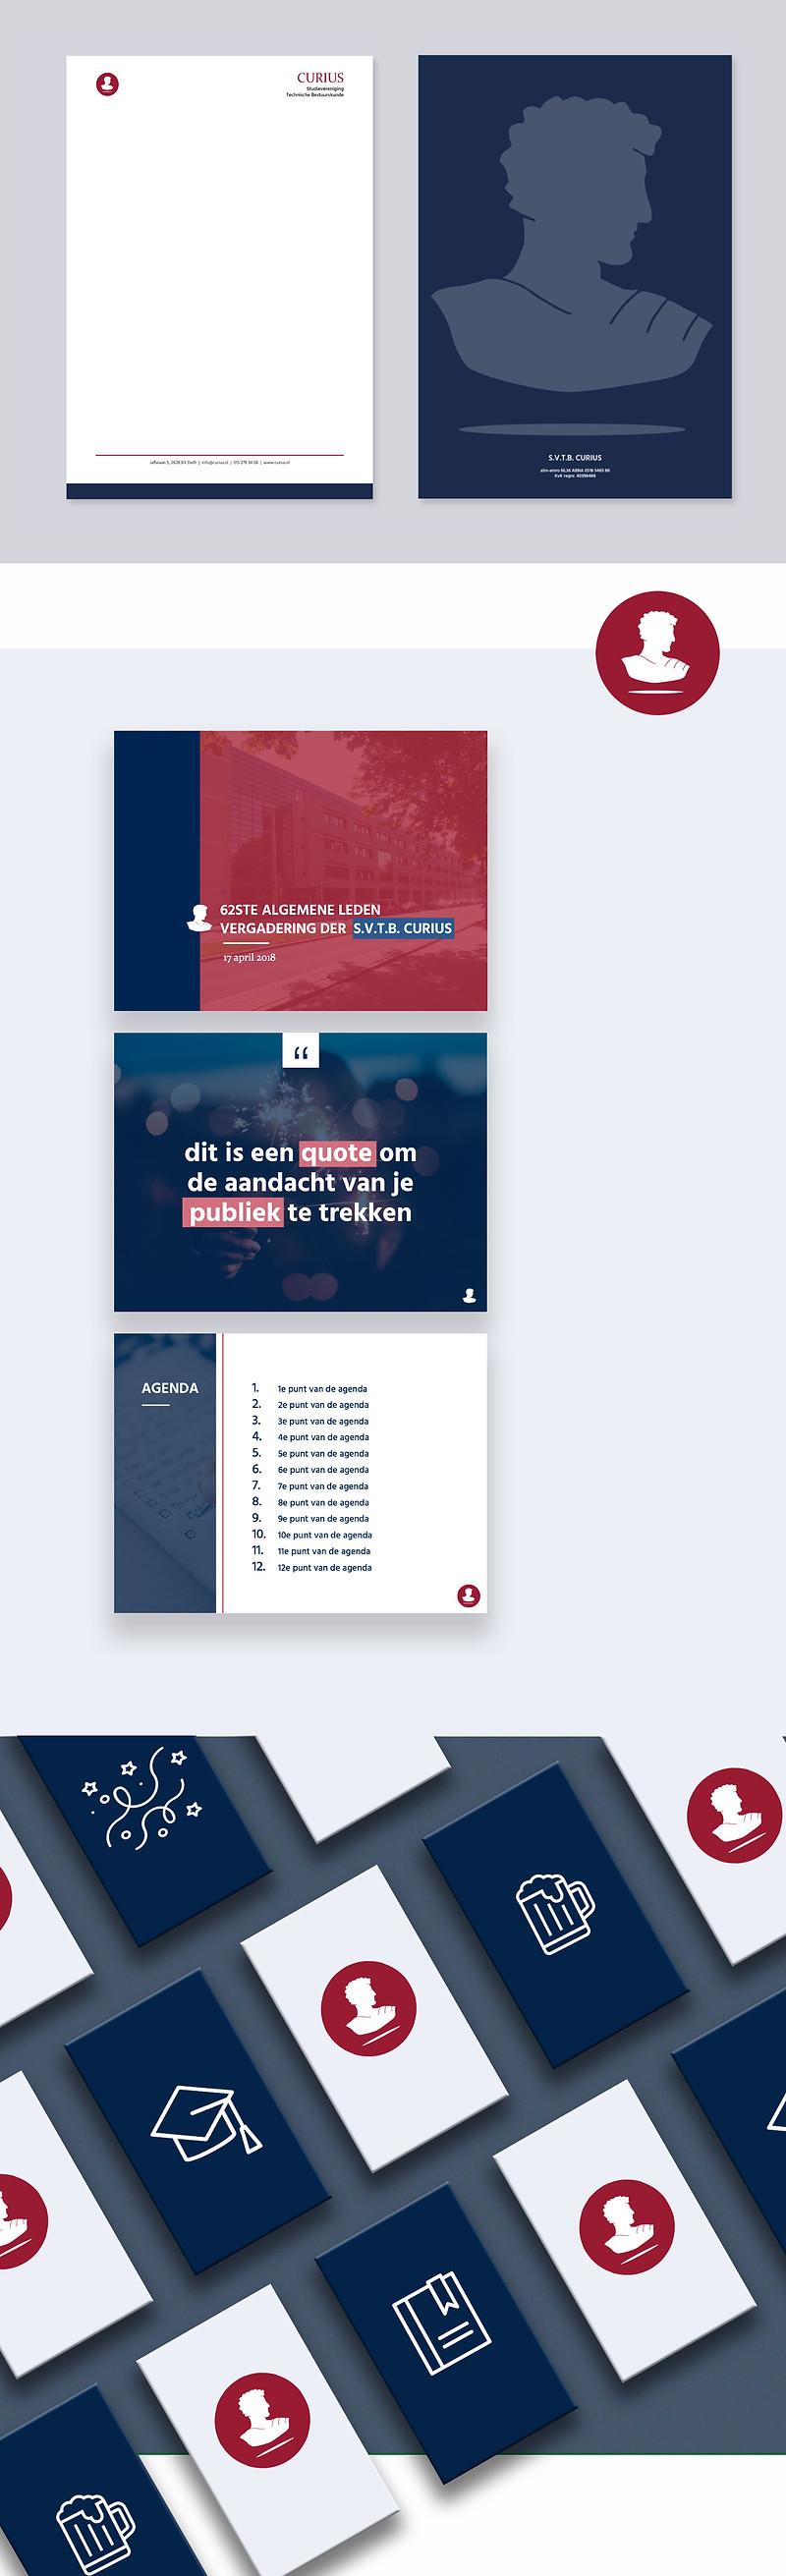 Curius Presentation site.jpg